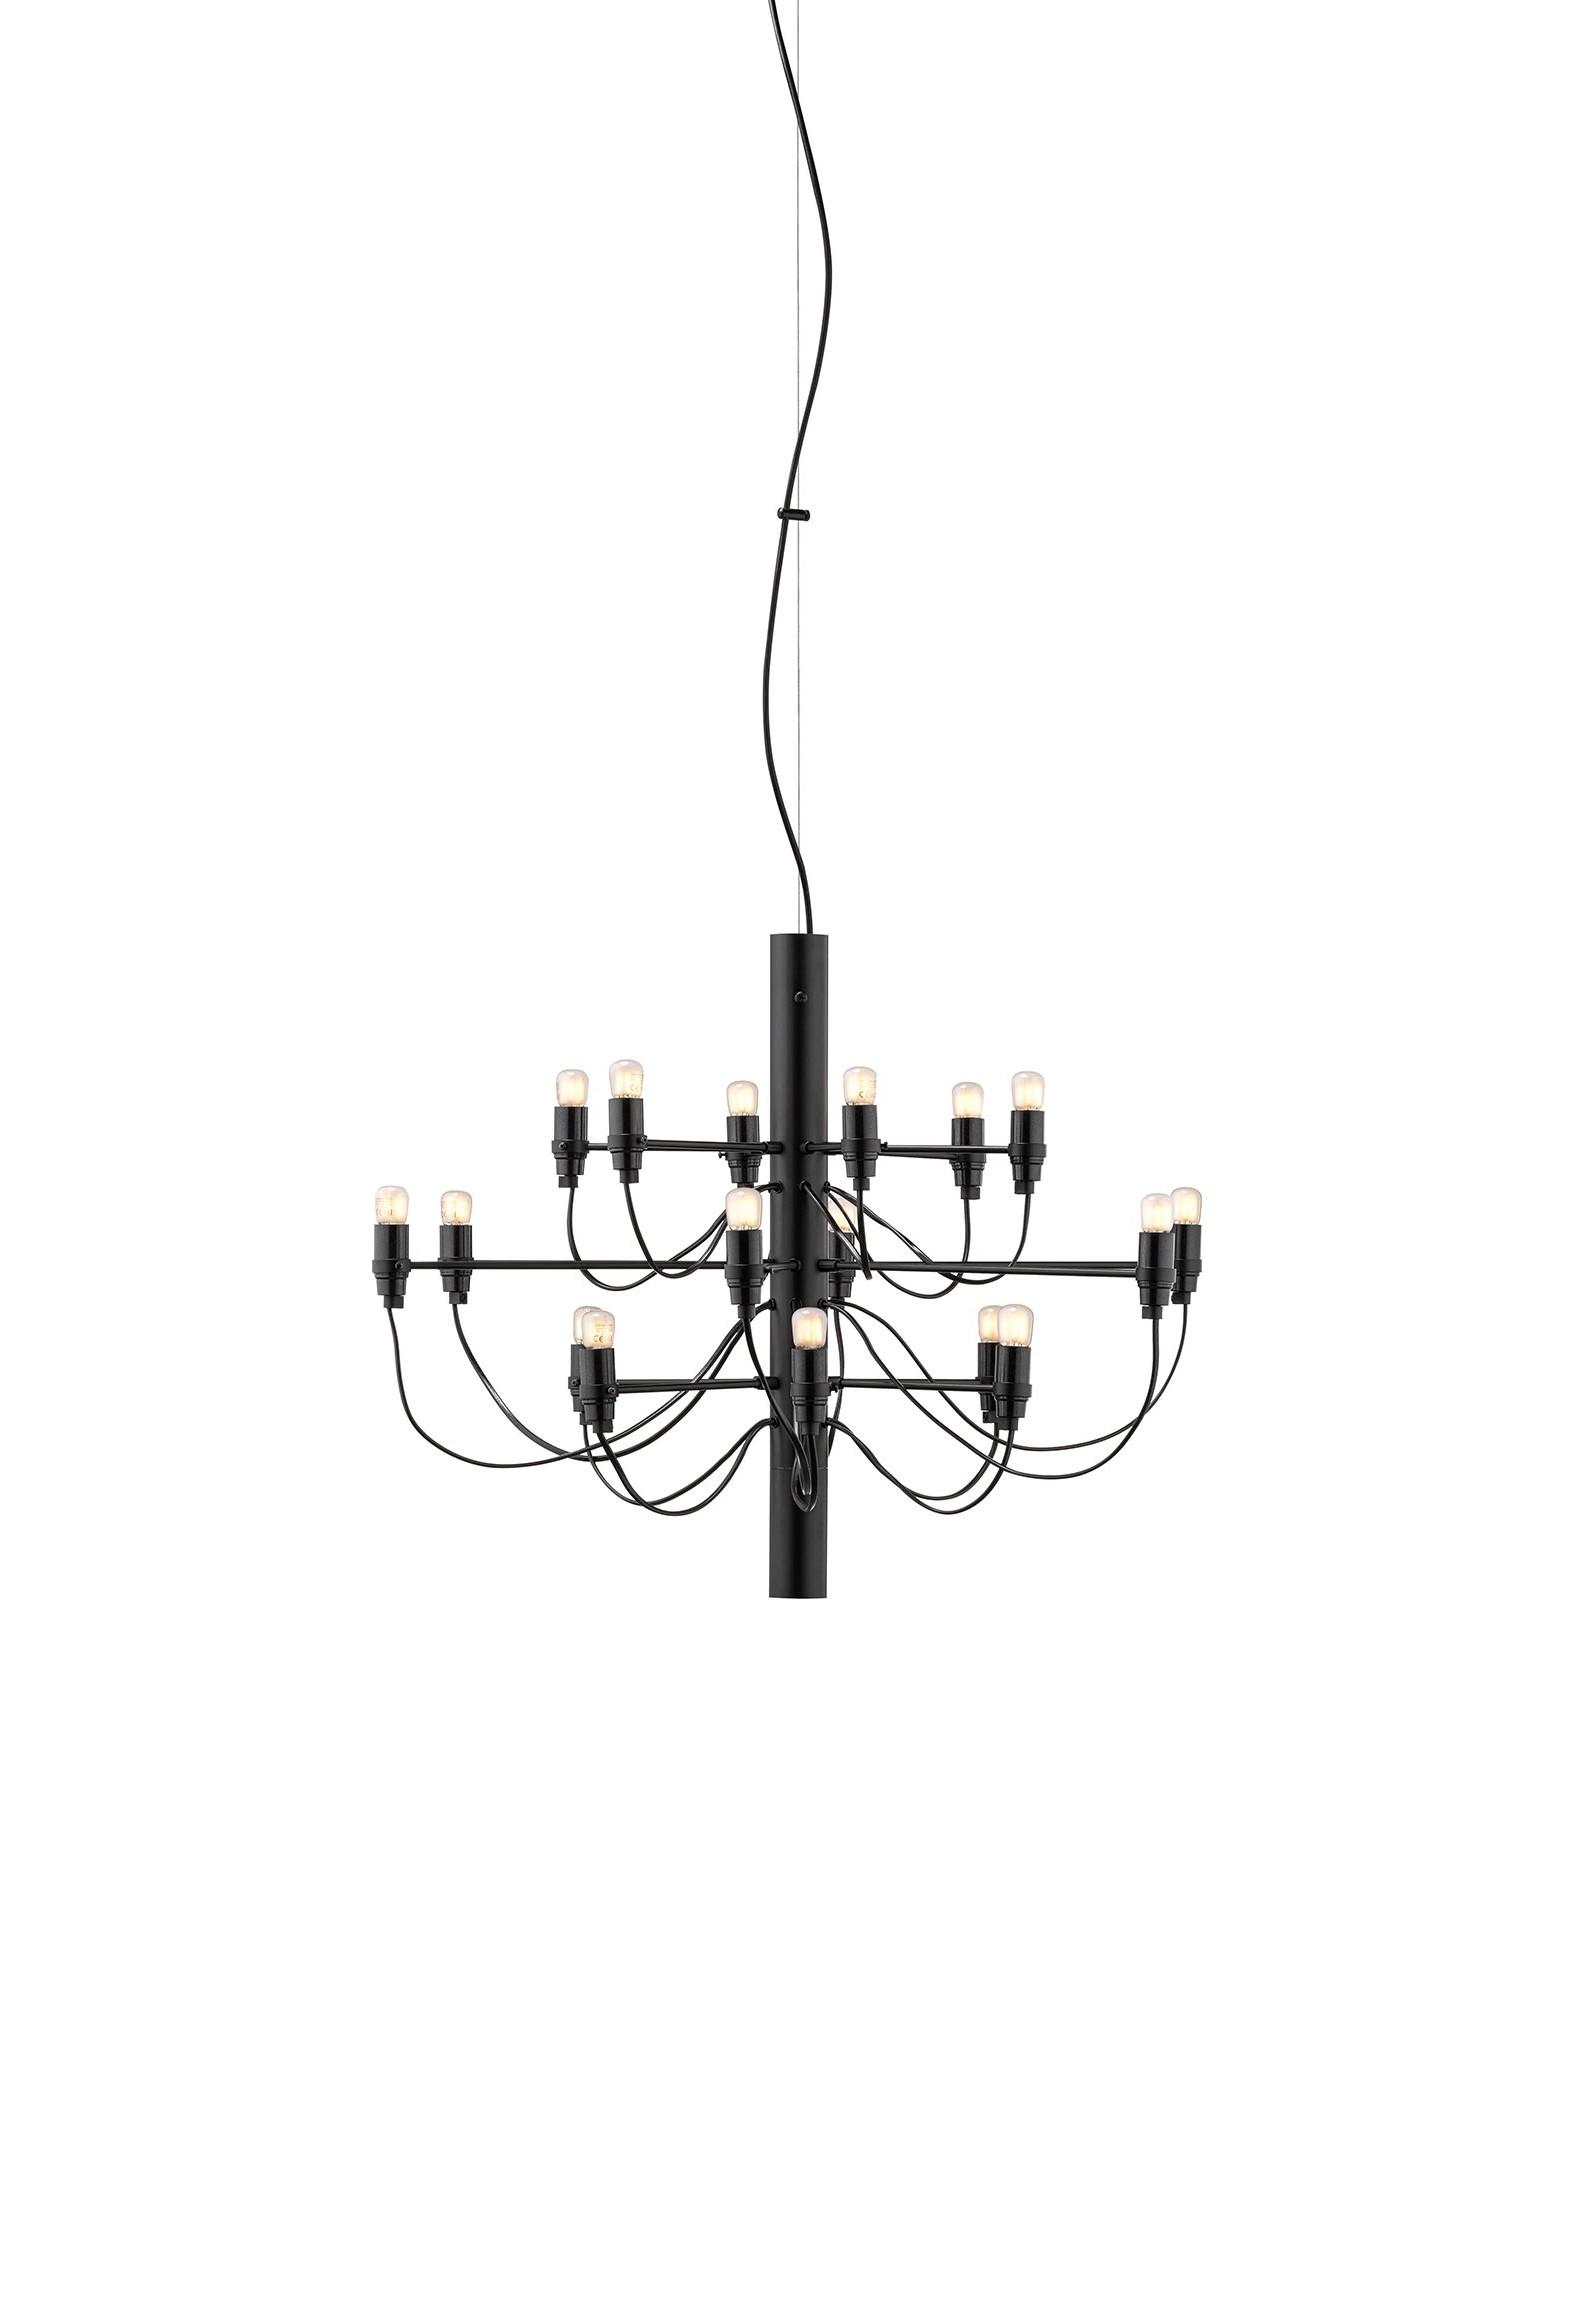 2097/18 preto, candeeiro de teto da marca Flos, na Traço de Luz iluminação, Portugal